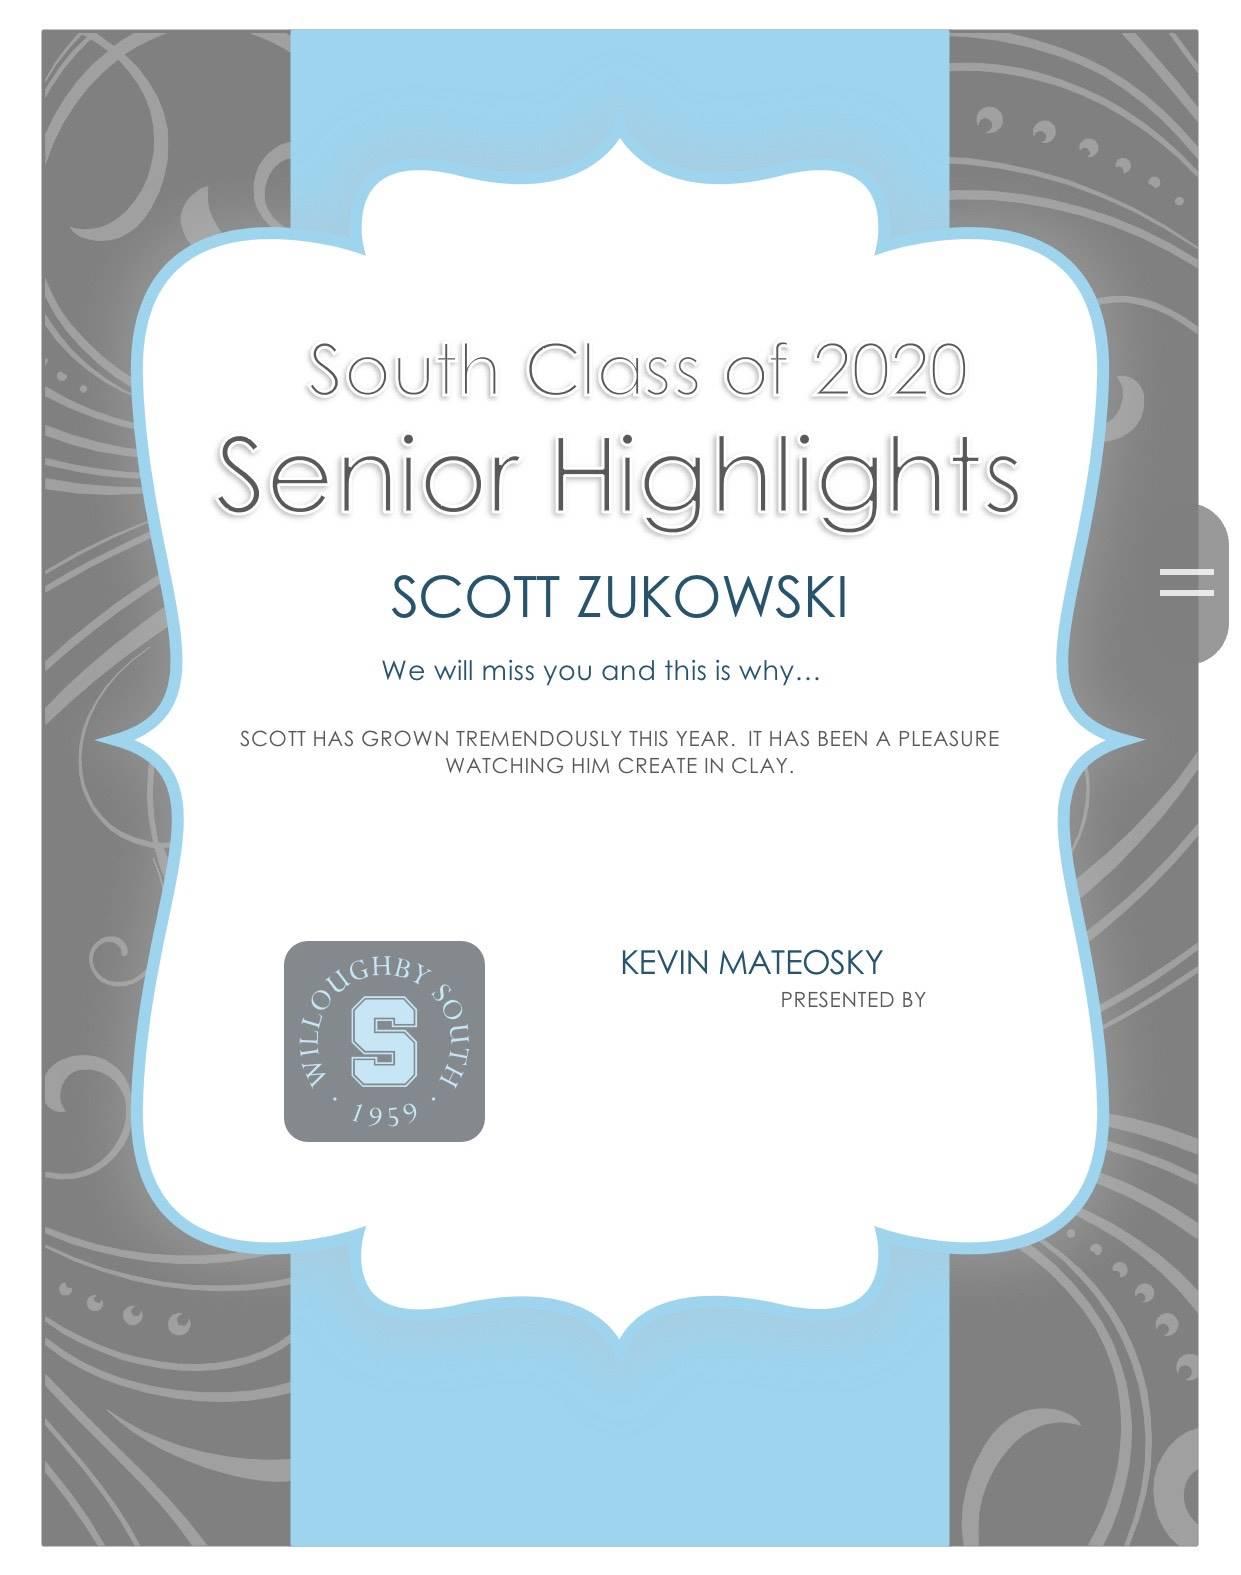 Scott Zukowski